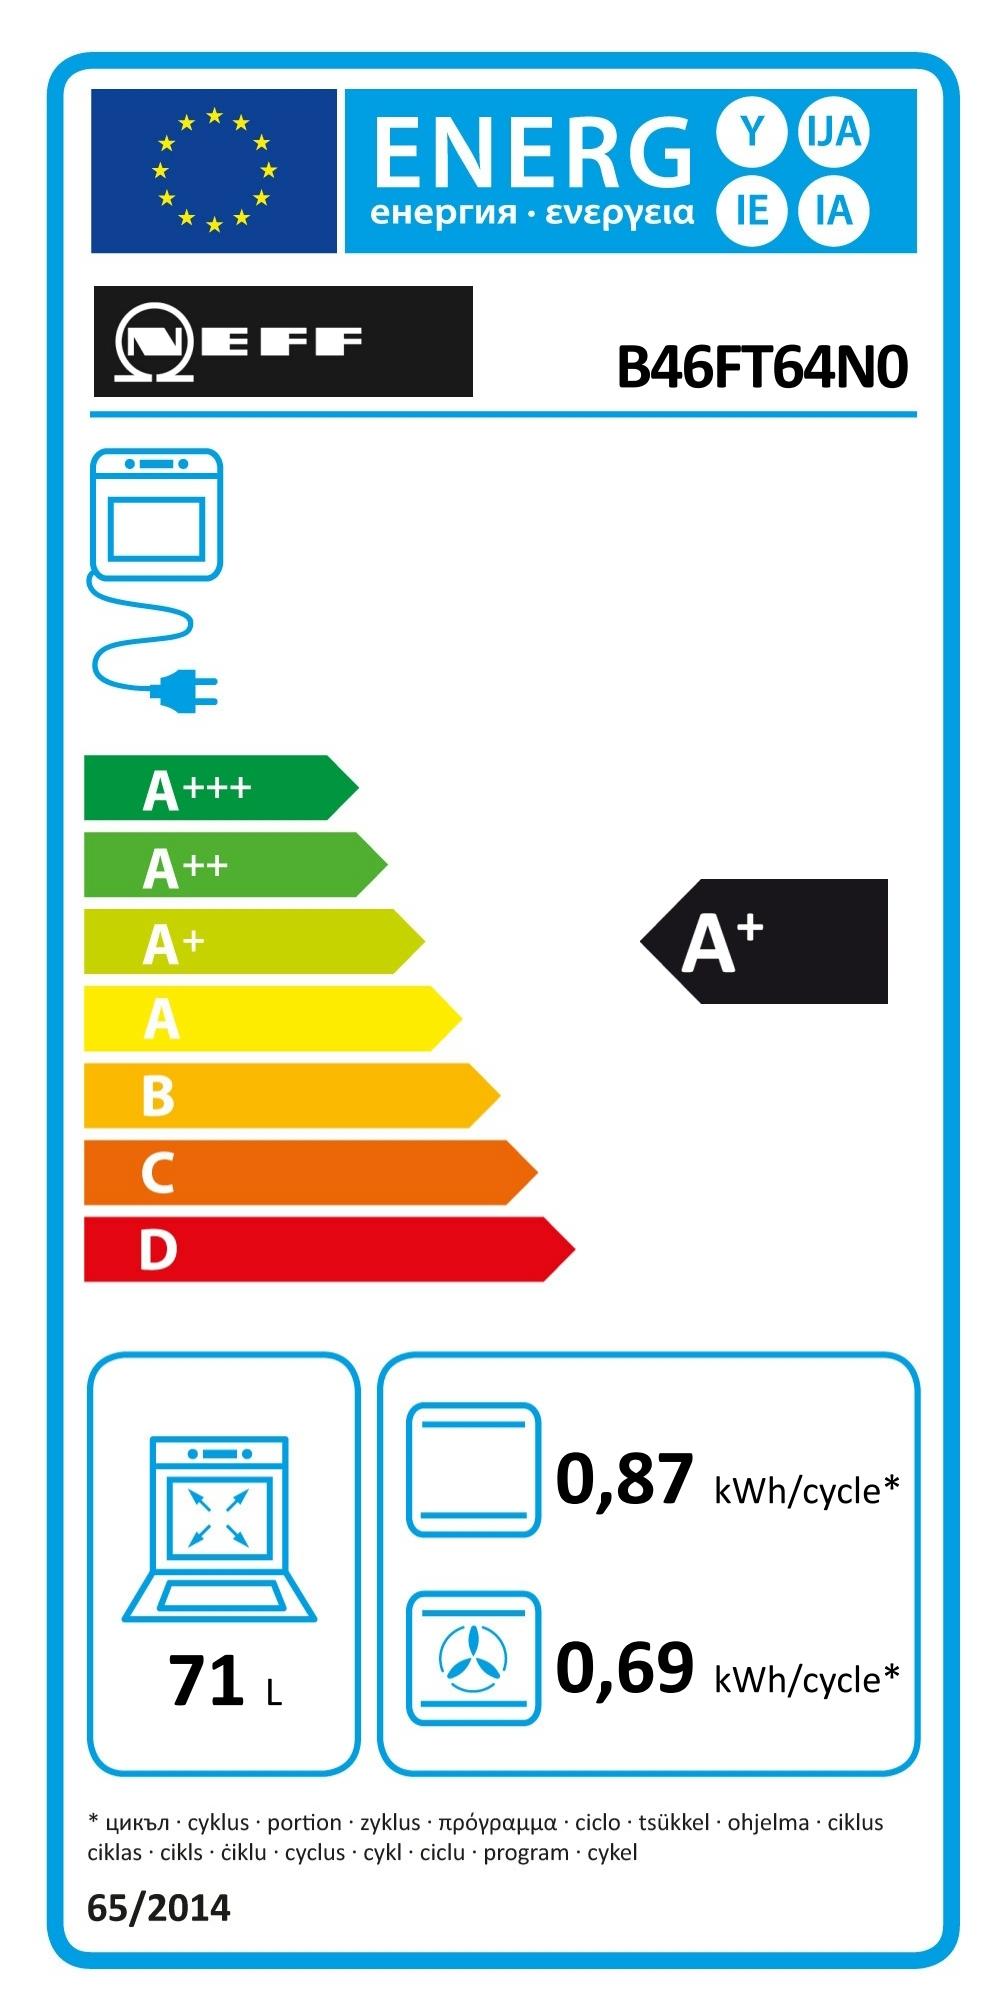 B46FT64N0-Energie